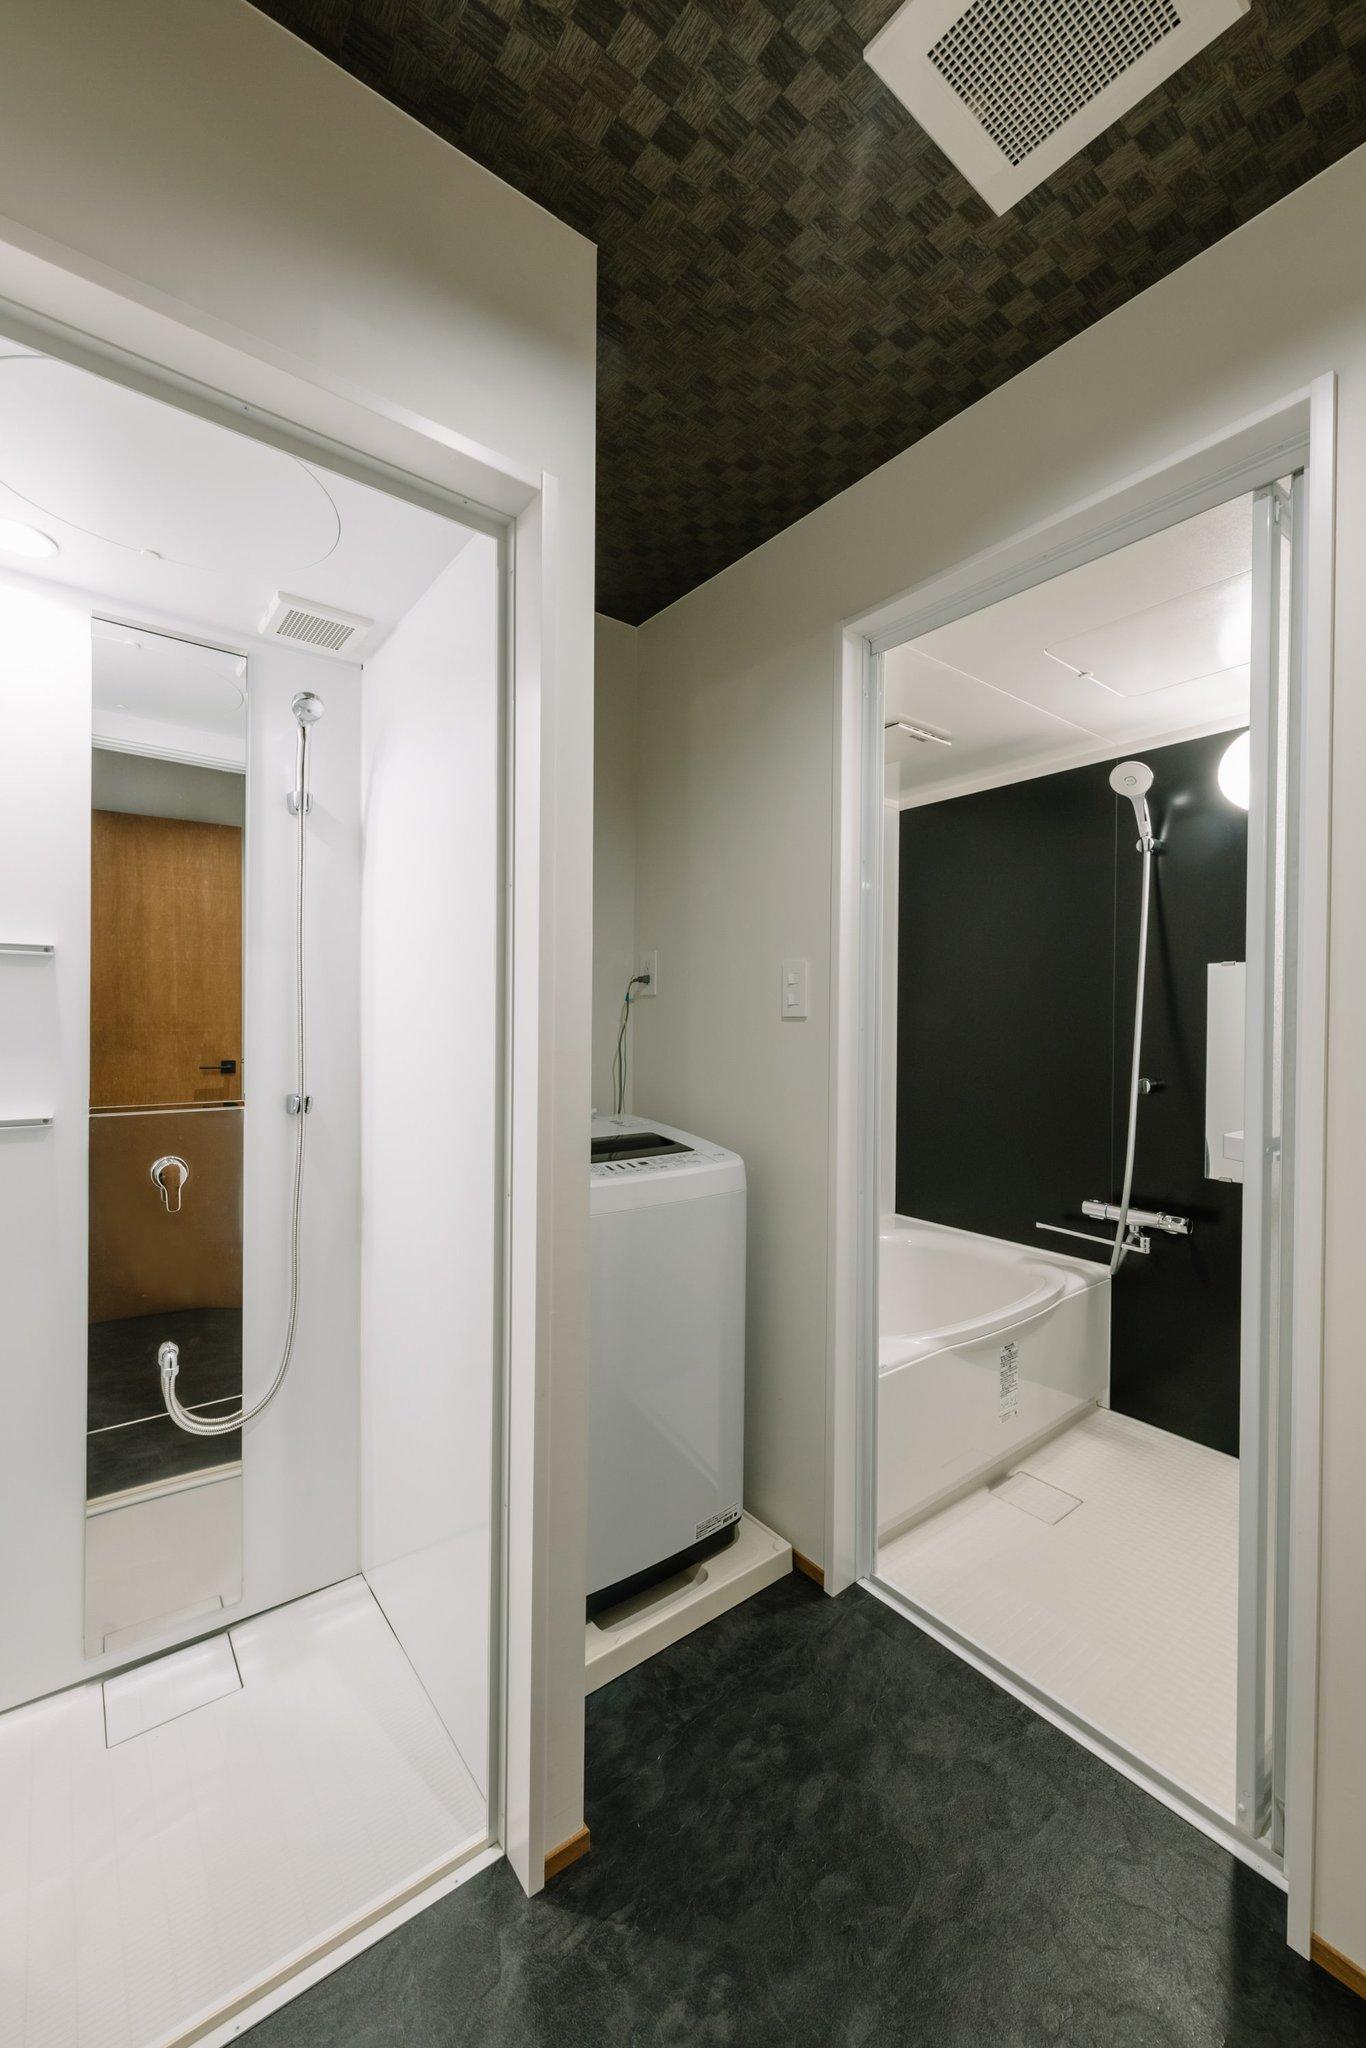 浴室とシャワールームがあります。洗濯機と乾燥機もあります。